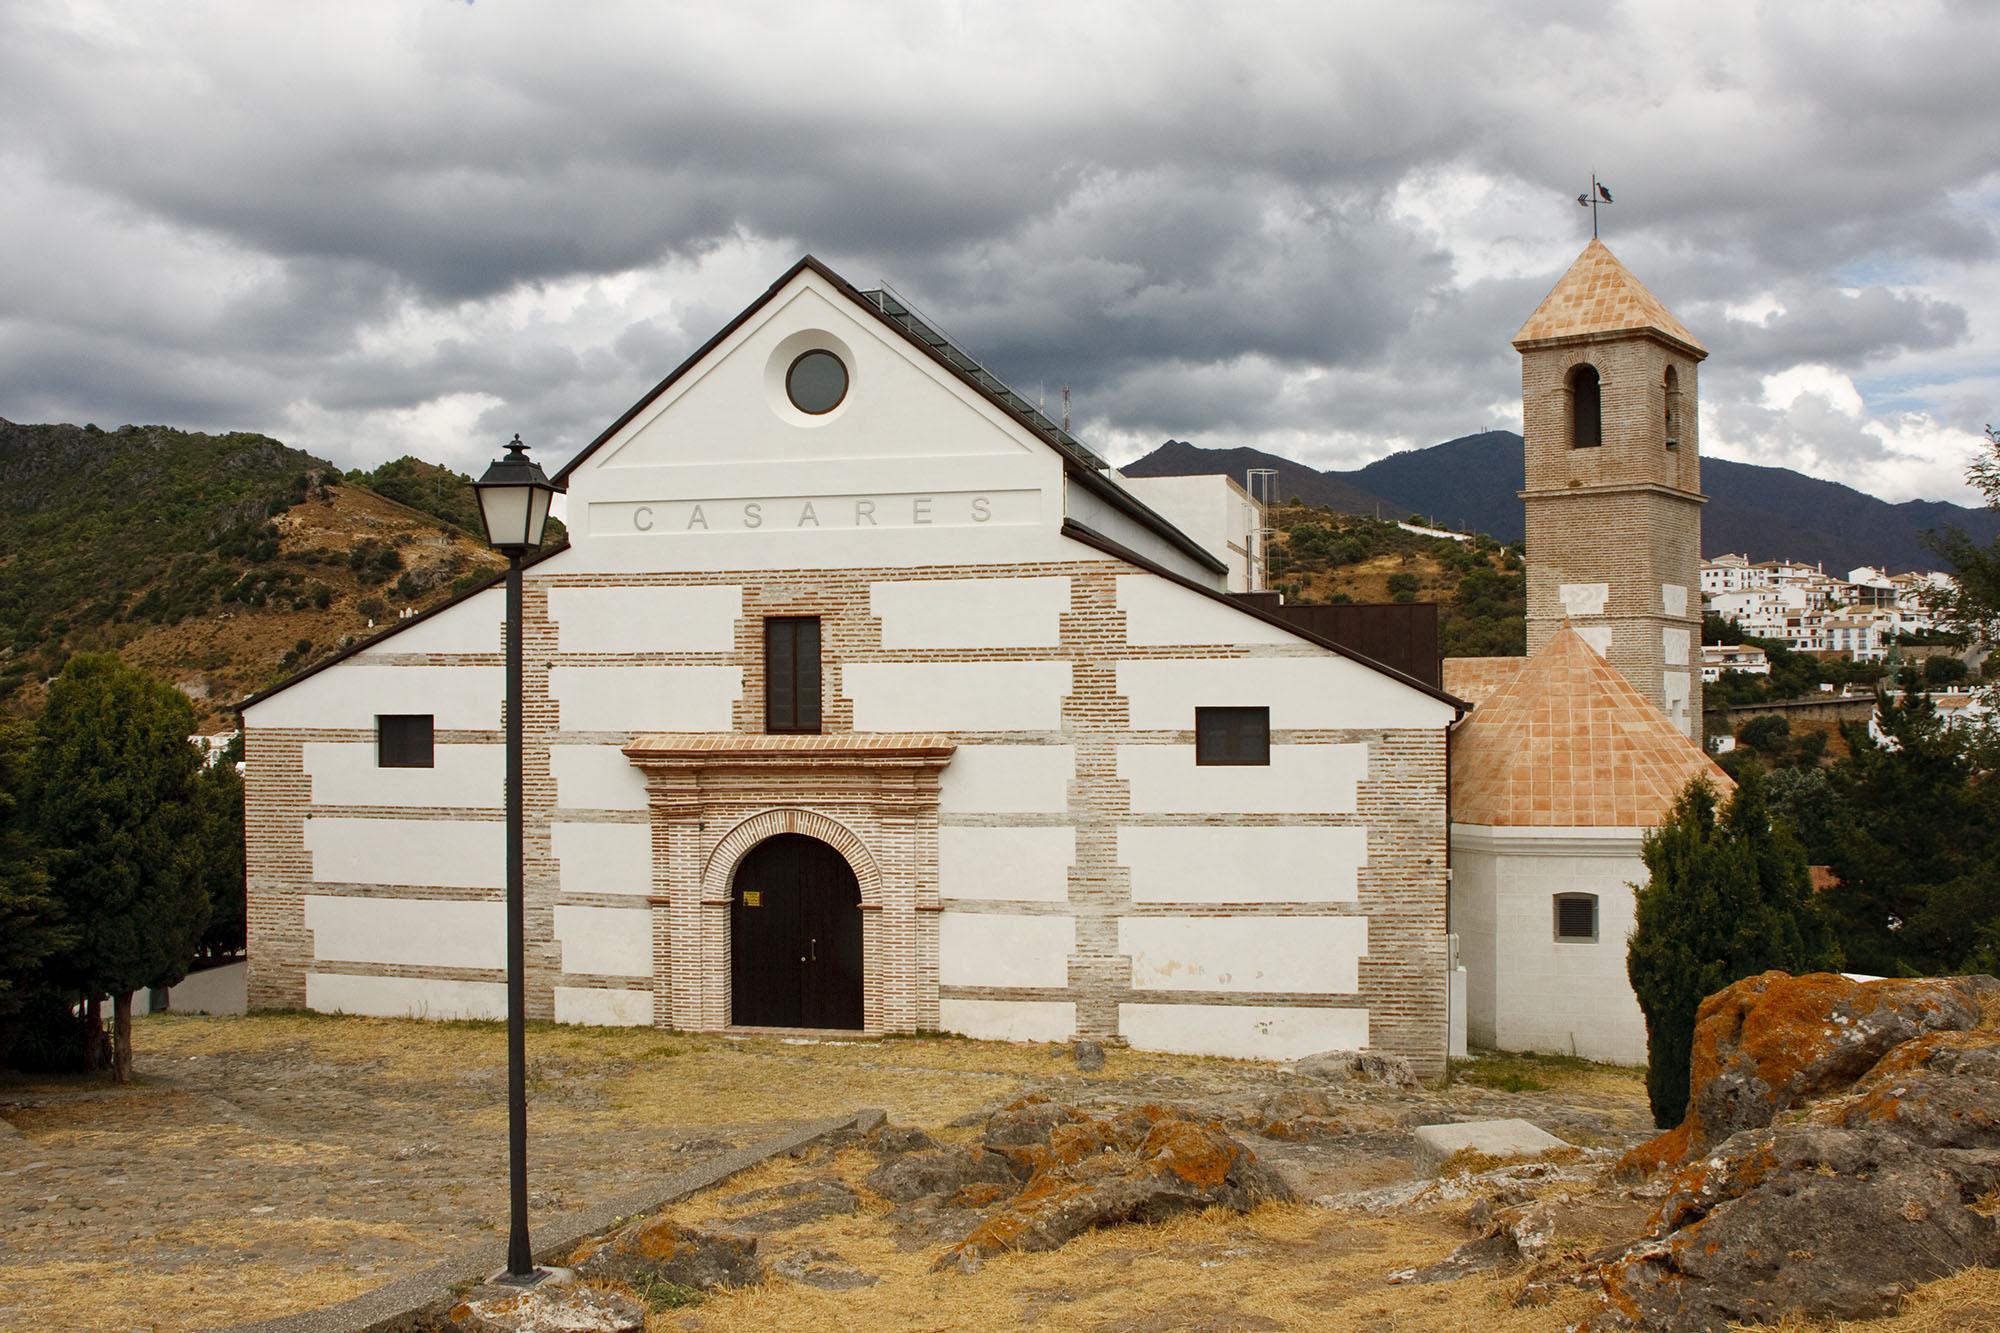 Centro Cultural Blas Infante (Casares)